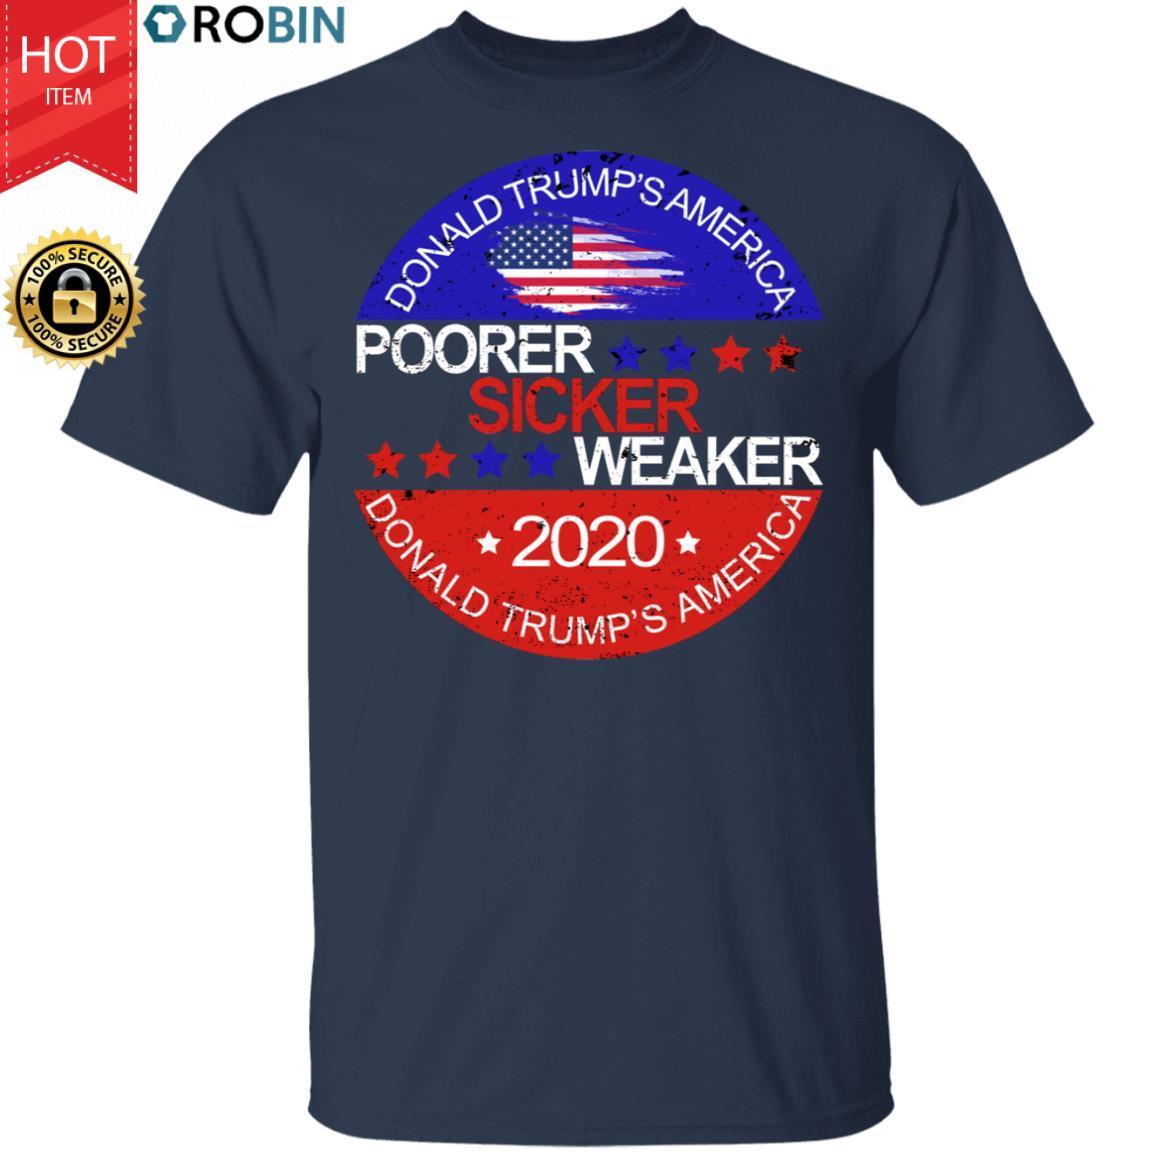 Poorer Sicker Weaker American Presidential Debates 2020